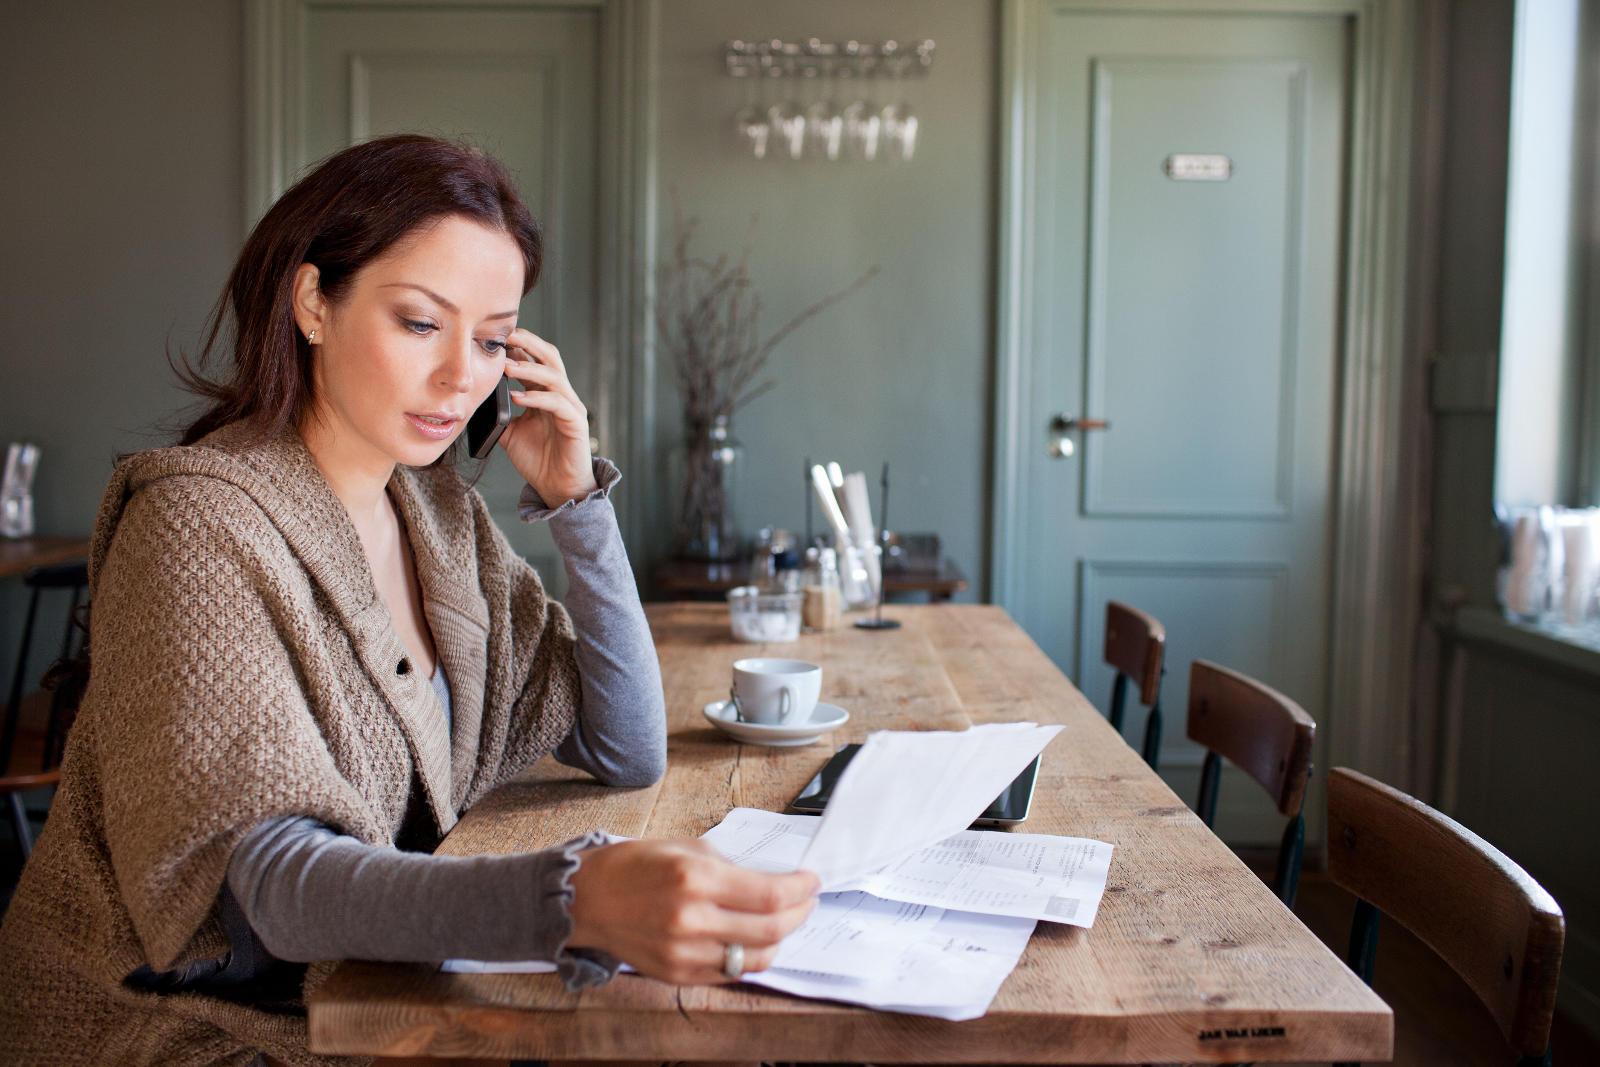 Sjekk din egen betalingsevne før du tar opp lån